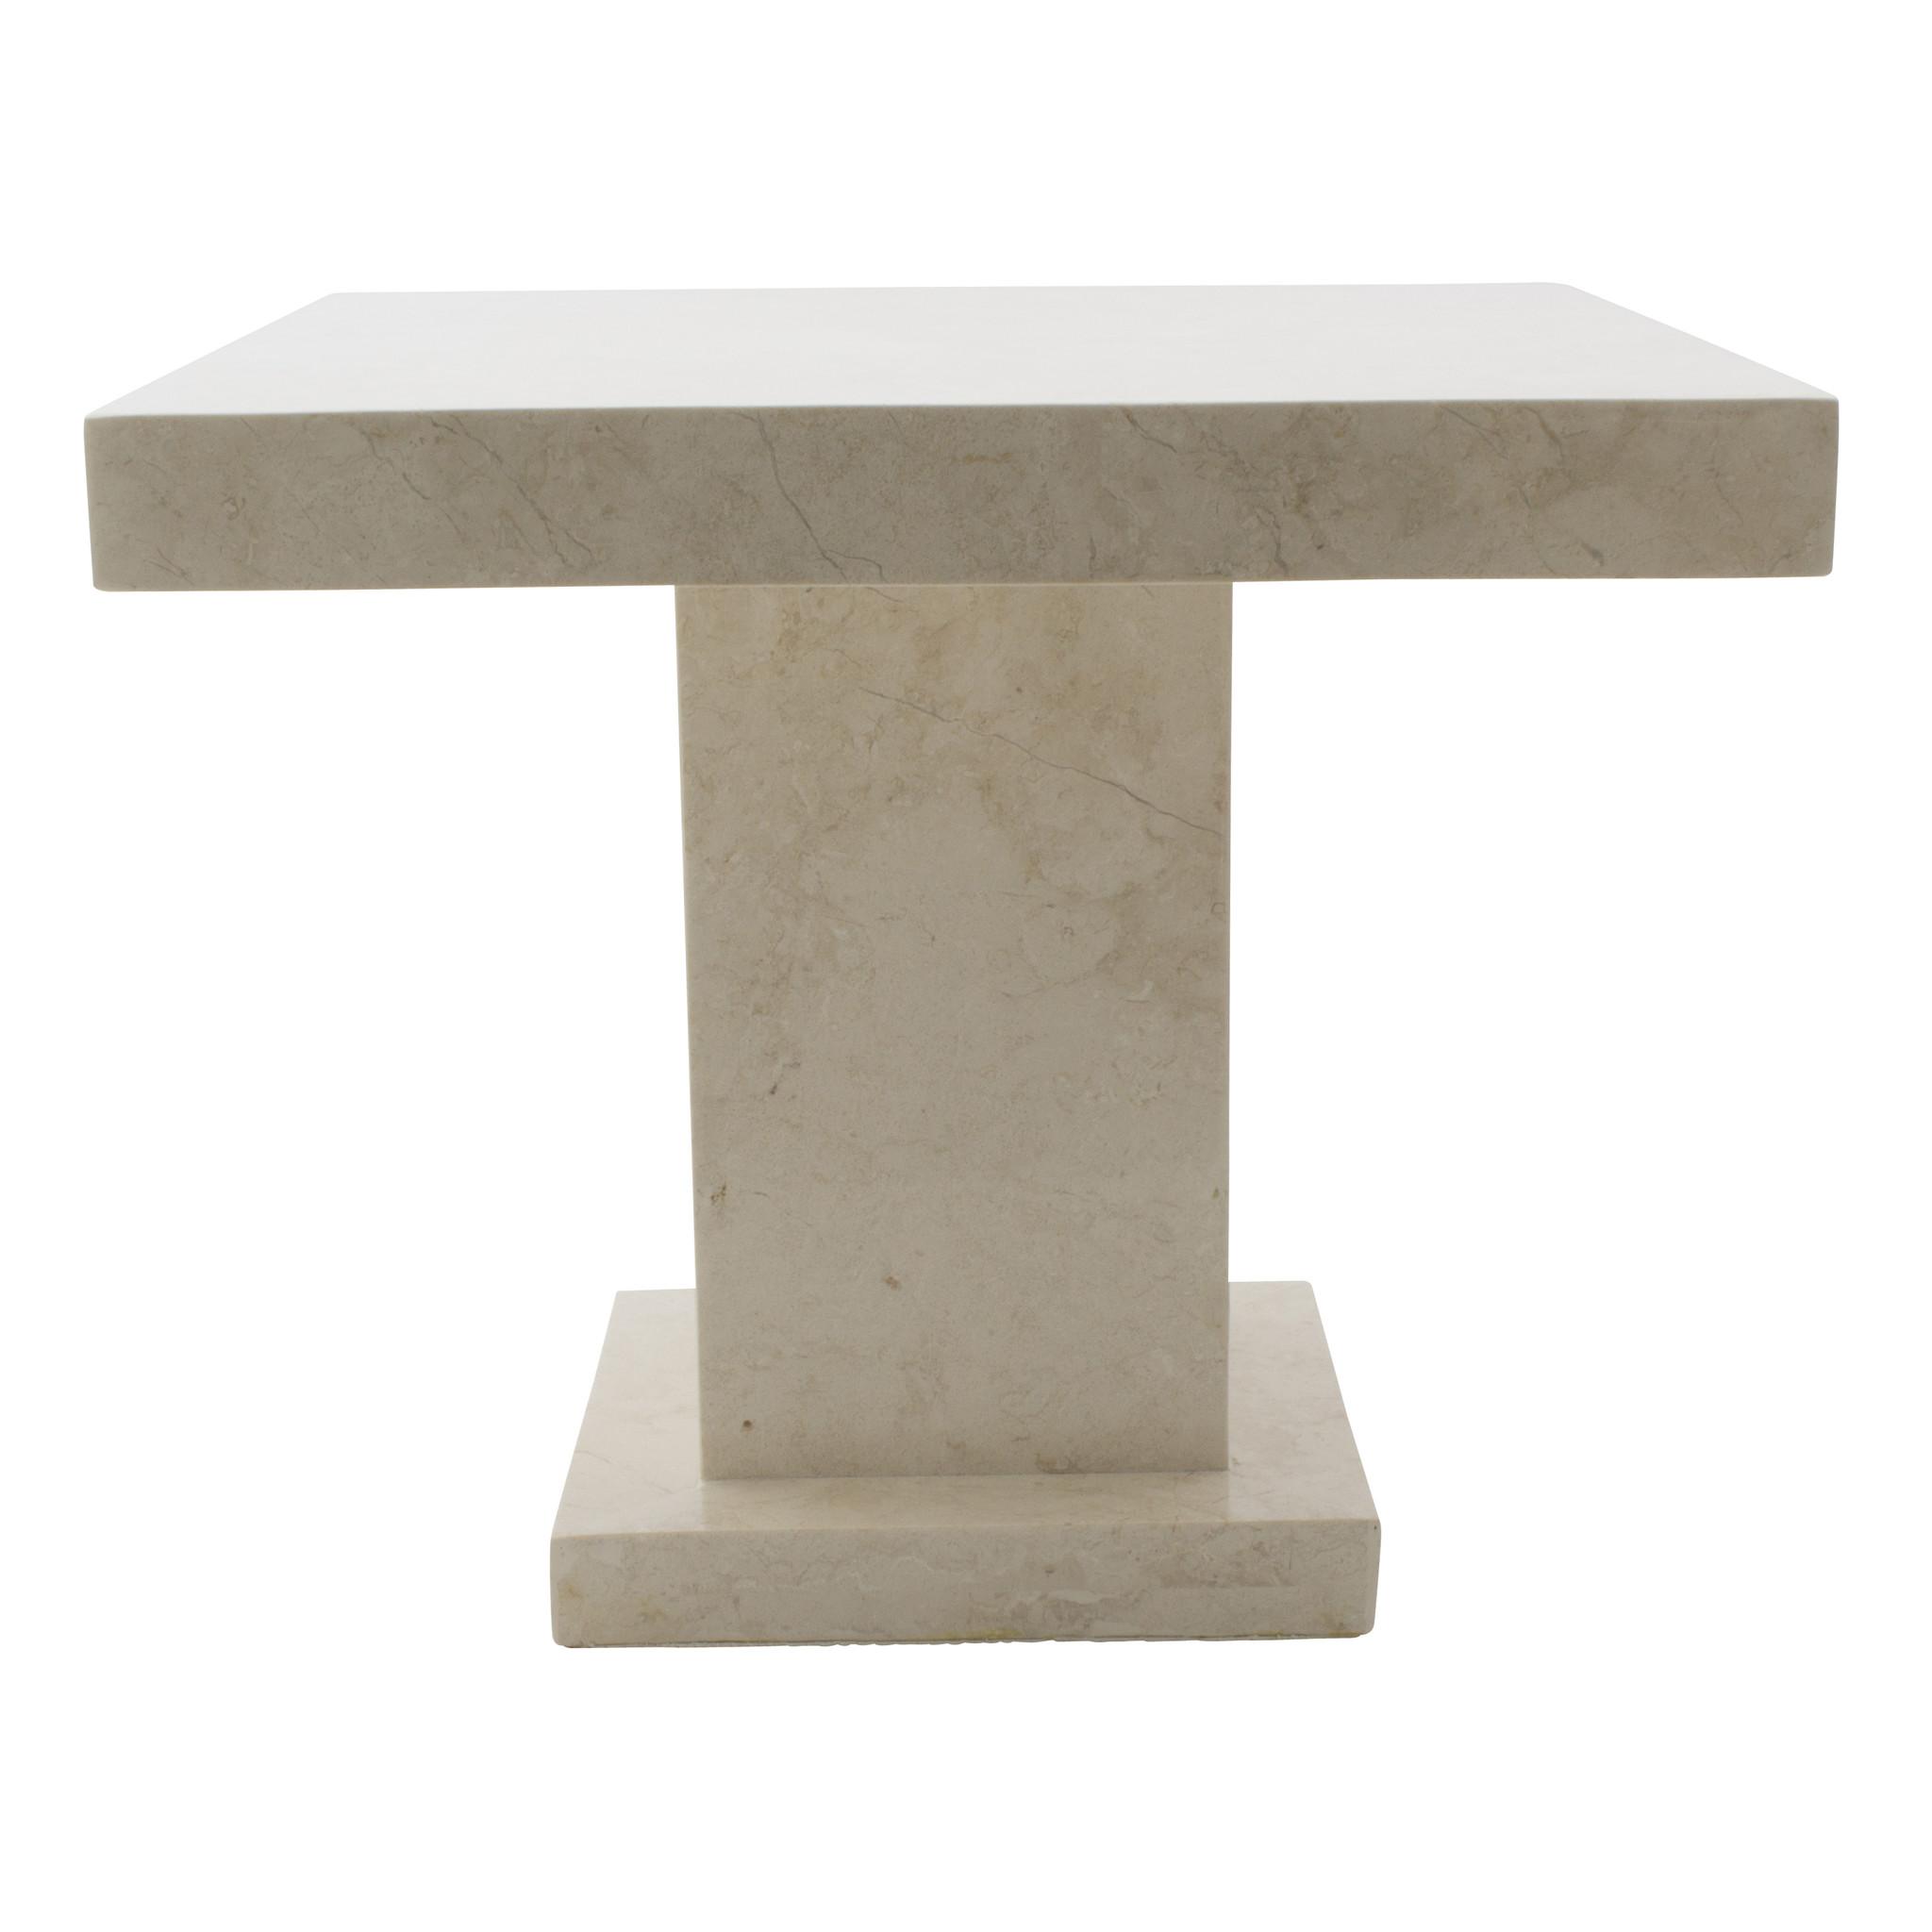 Indomarmer Beistelltisch Quadrat 50x50x40 cm Creme Marmor